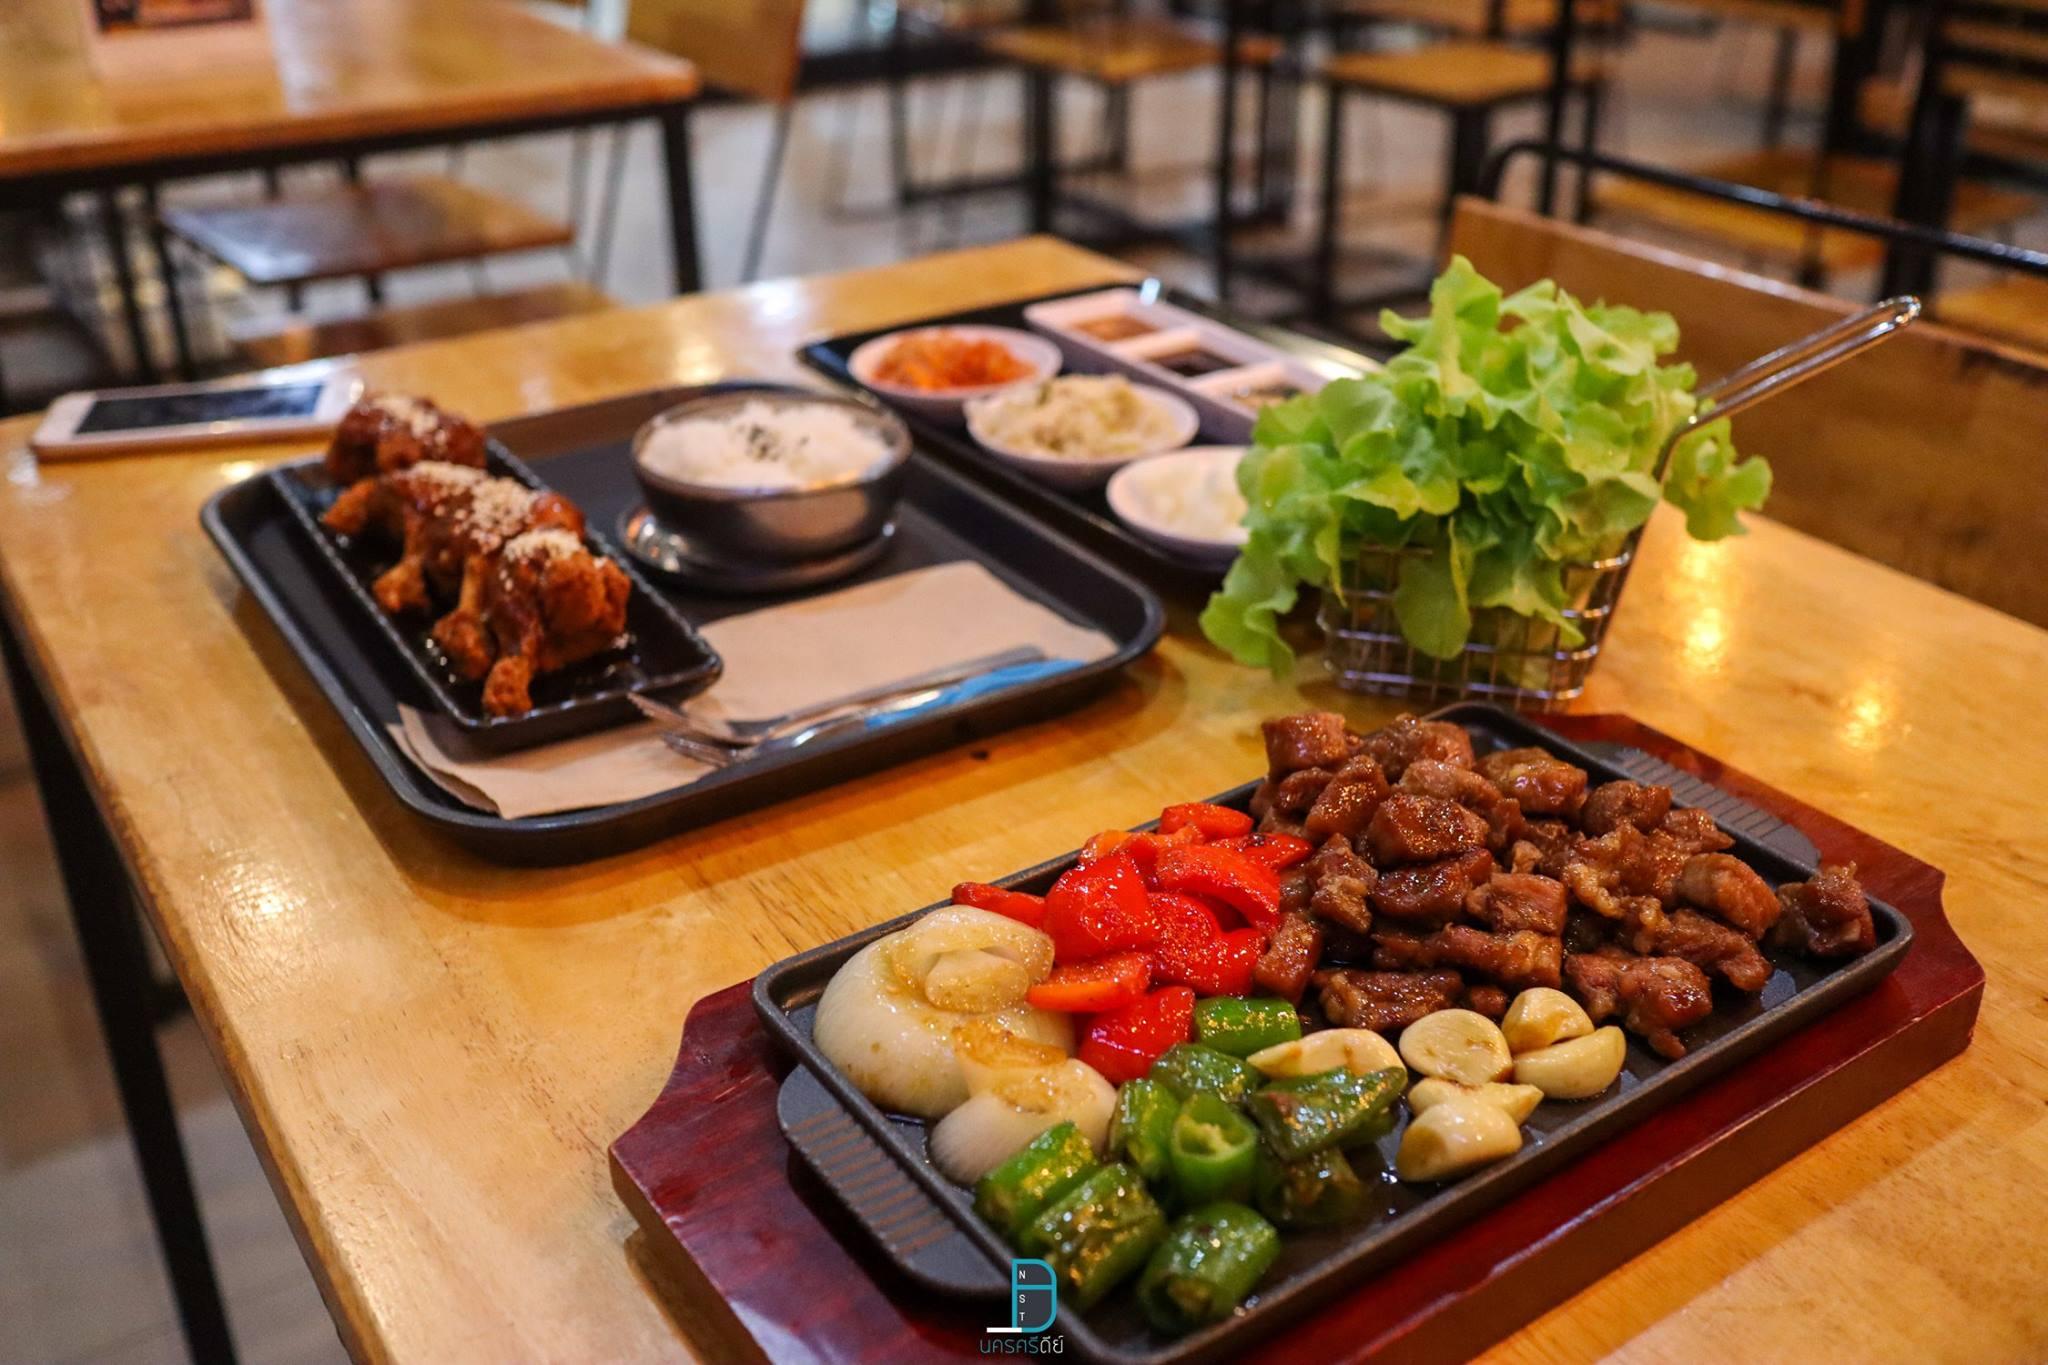 มาต่อกันที่ร้านสไตล์เกาหลีกันบ้าง-ร้านนี้ชื่อว่า-The-Snowcap-Bingsoo-ขอบอกว่ามีทั้งอาหารคาวและหวาน-อาหารคาวจะเน้นไปทางเกาหลีหน่อยๆ-ส่วนของหวานจะเป็นร้านบิงซูเด็ดๆ-ในราคาที่ไม่แพงเลยครับ ที่กิน,ที่เที่ยว,นครศรีธรรมราช,เมืองคอน,2018,BunprasopGardenHotel,นครศรี,อำเภอเมือง